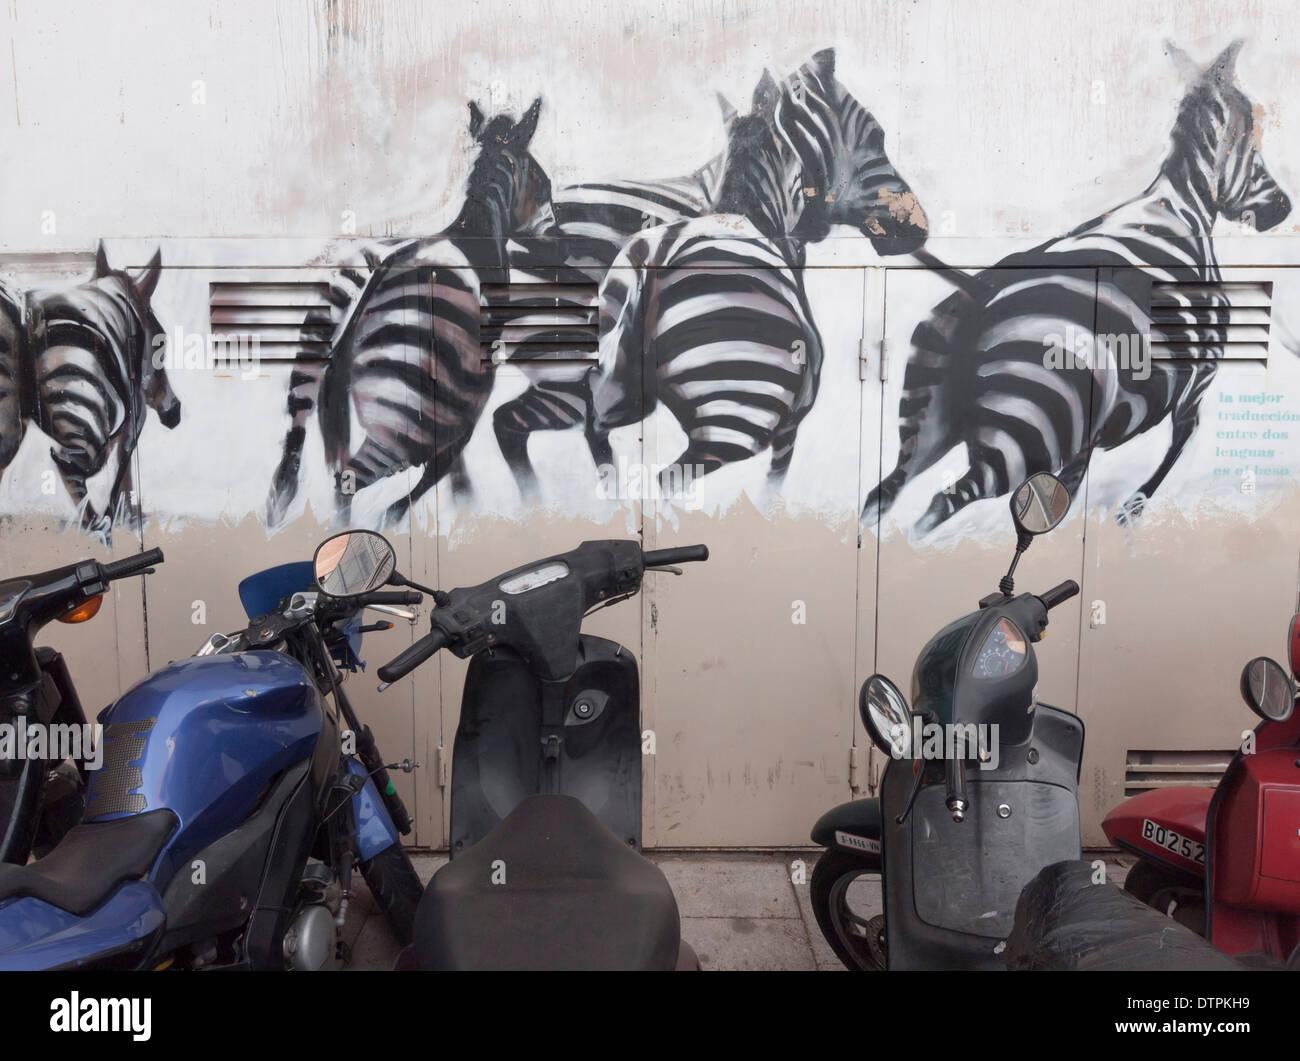 Un graffiti sur le mur d'un immeuble, bloc à Barcelone, Espagne, montre un troupeau de zèbres s'échapper vers la liberté Banque D'Images